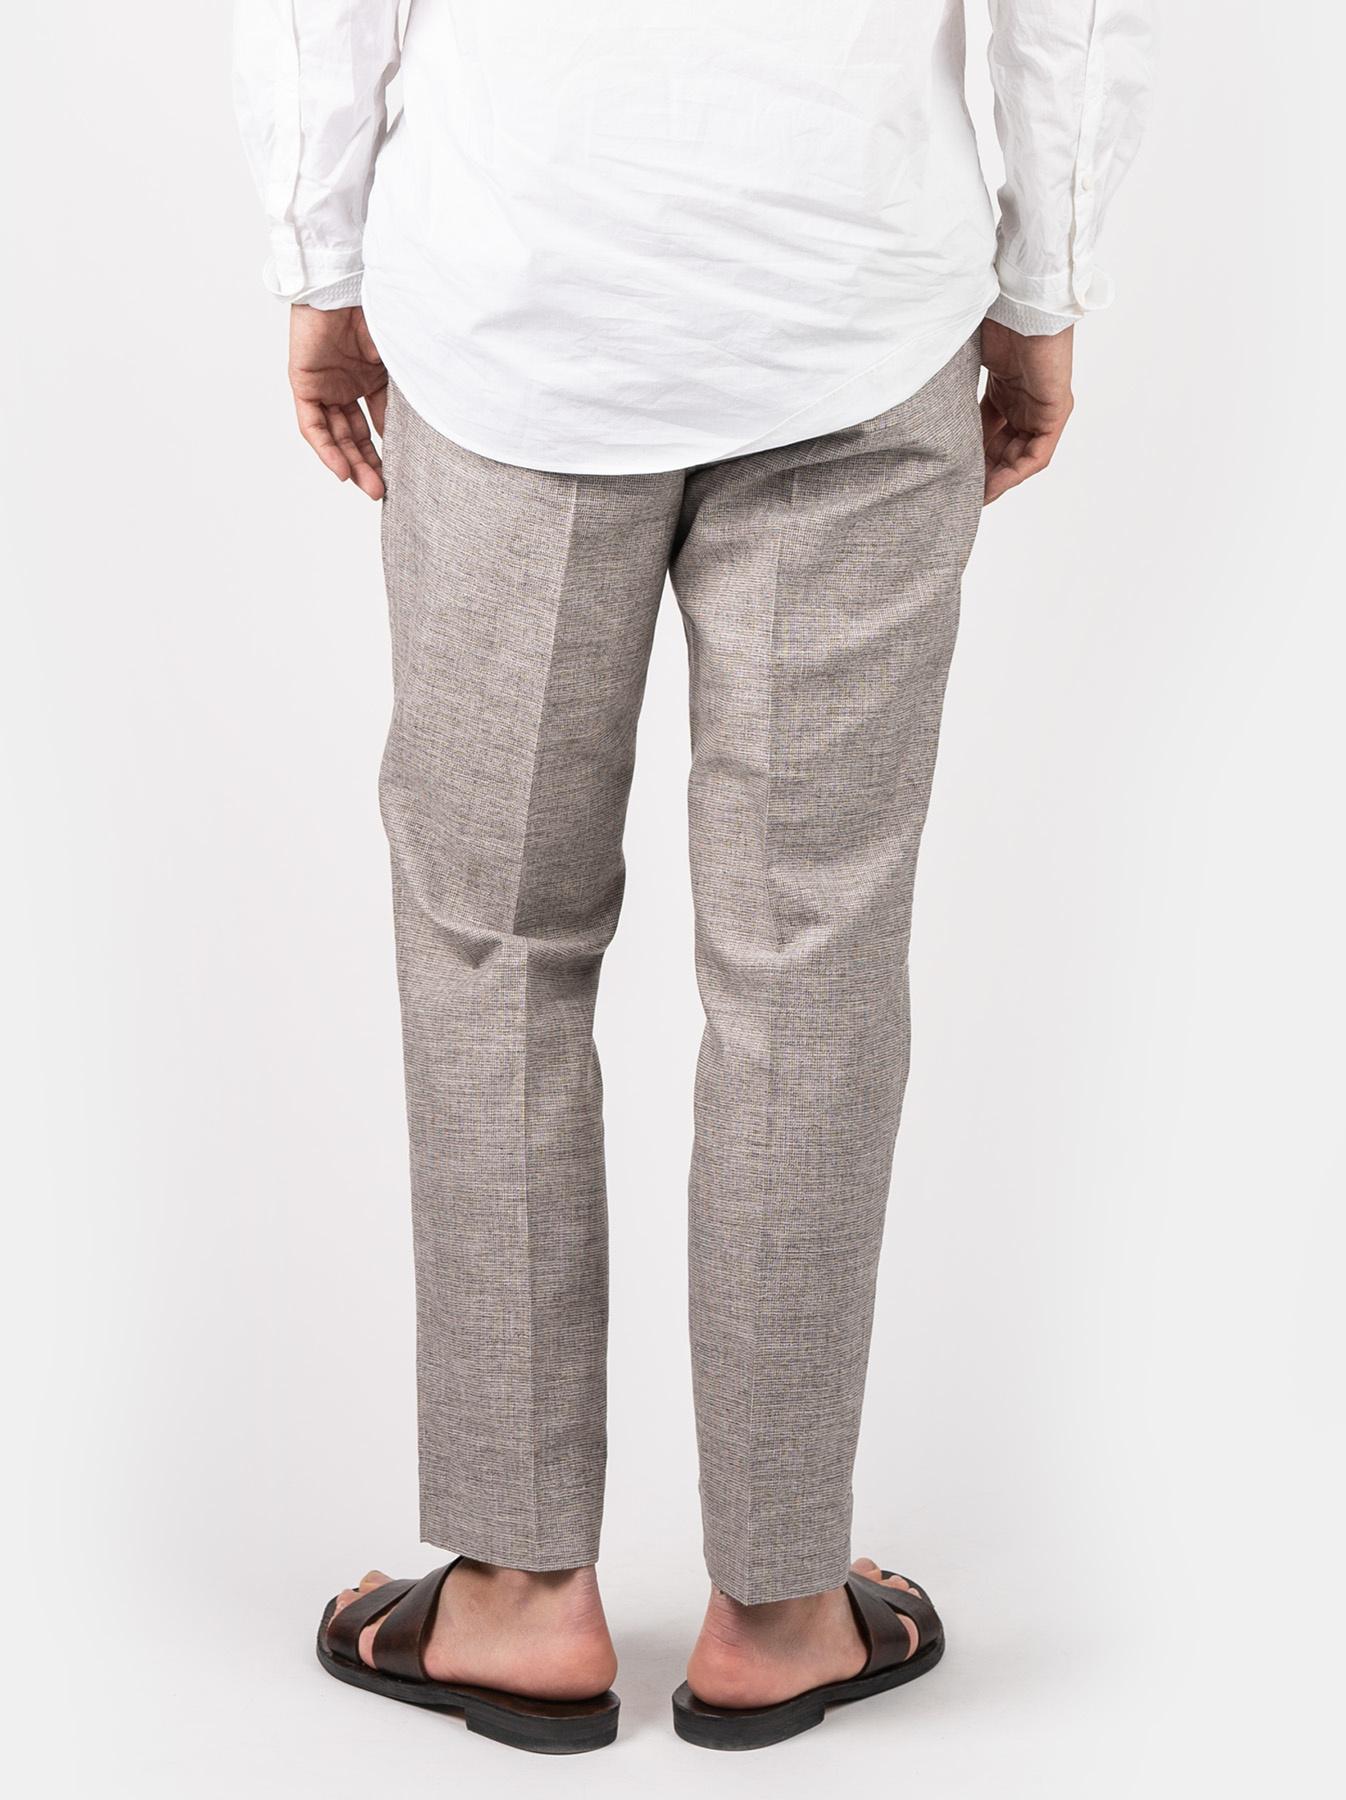 WH Cotton Tweed 908 Easy Slacks-5